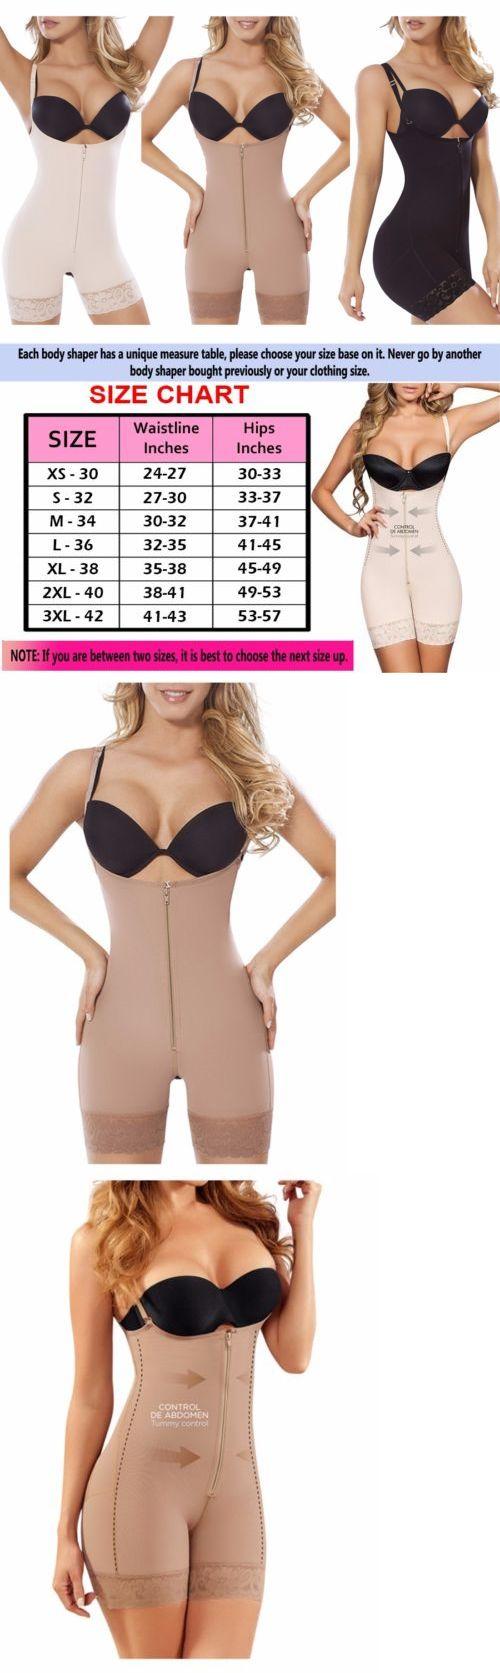 Women Shapewear: Fajas Reductoras Colombianas, Full Body Shaper, Powernet Zipper Shapewear Suit -> BUY IT NOW ONLY: $59.95 on eBay!